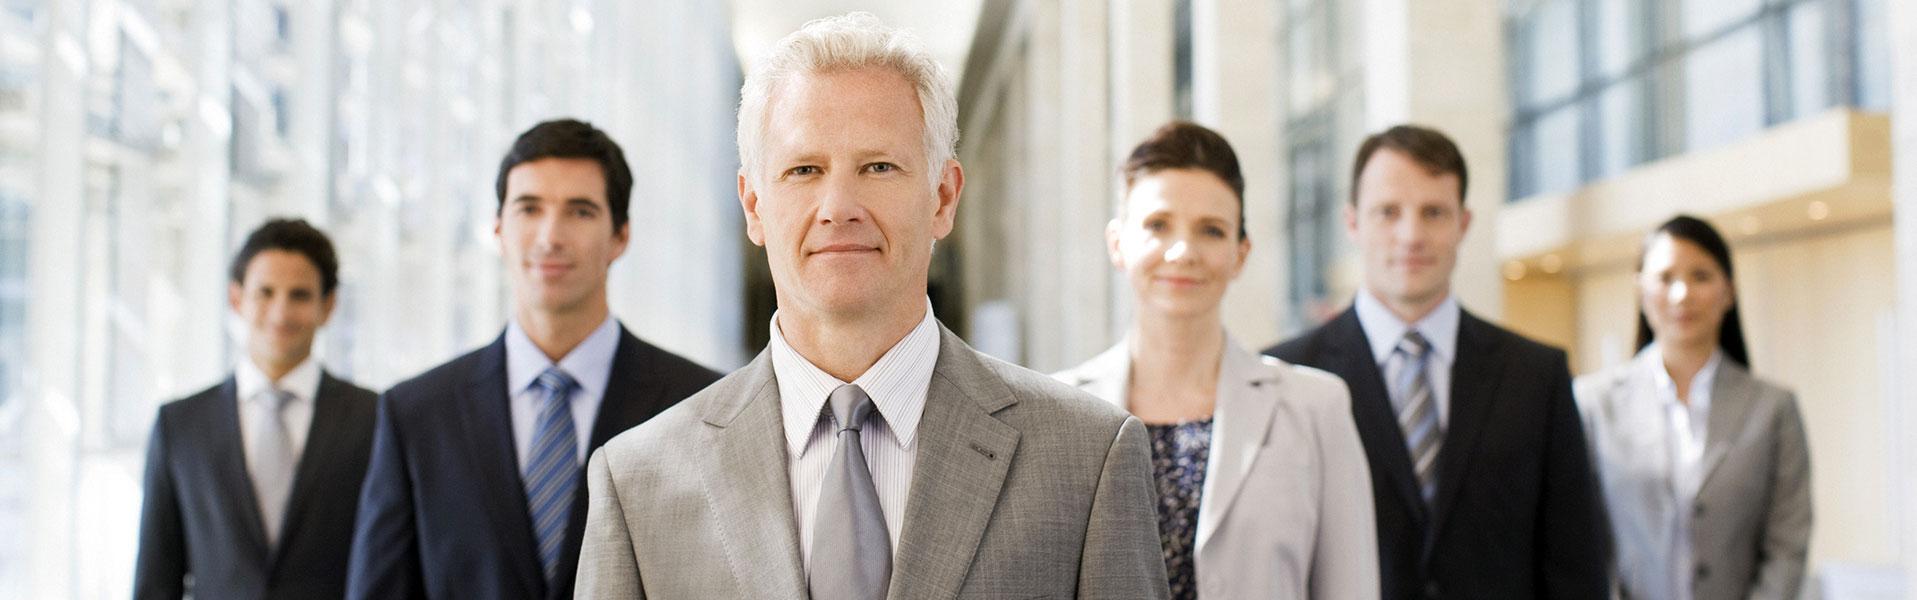 PMB International ist Ihr Spezialist für Unternehmens- und Managementberatung.